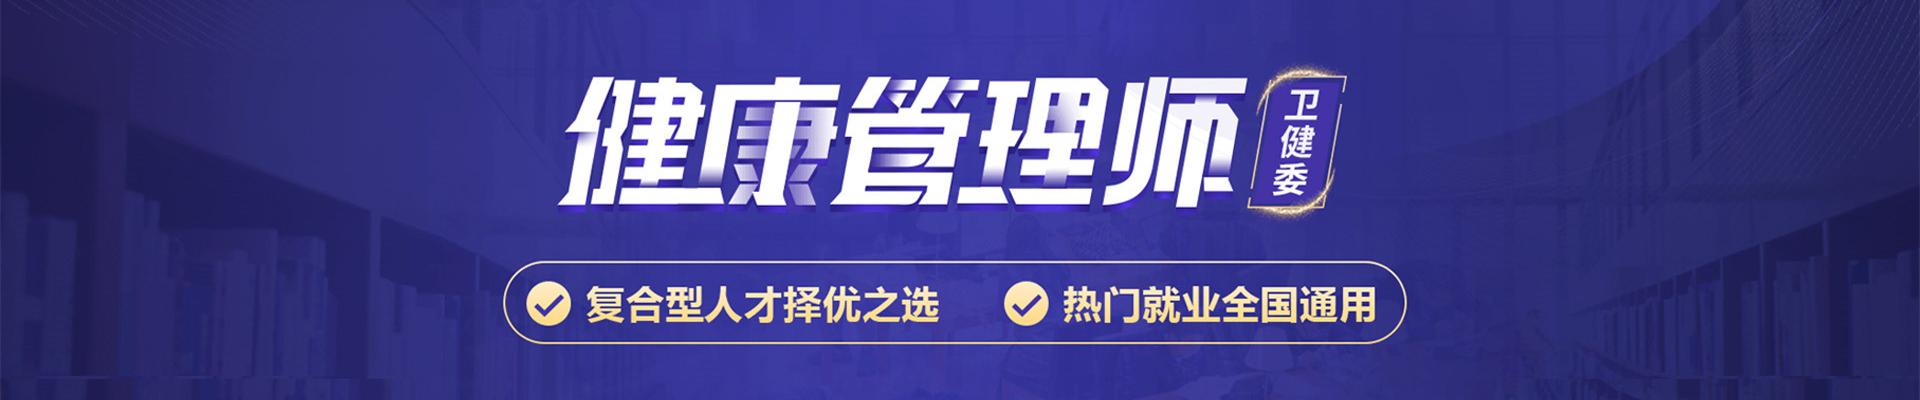 重庆江北优路教育培训学校